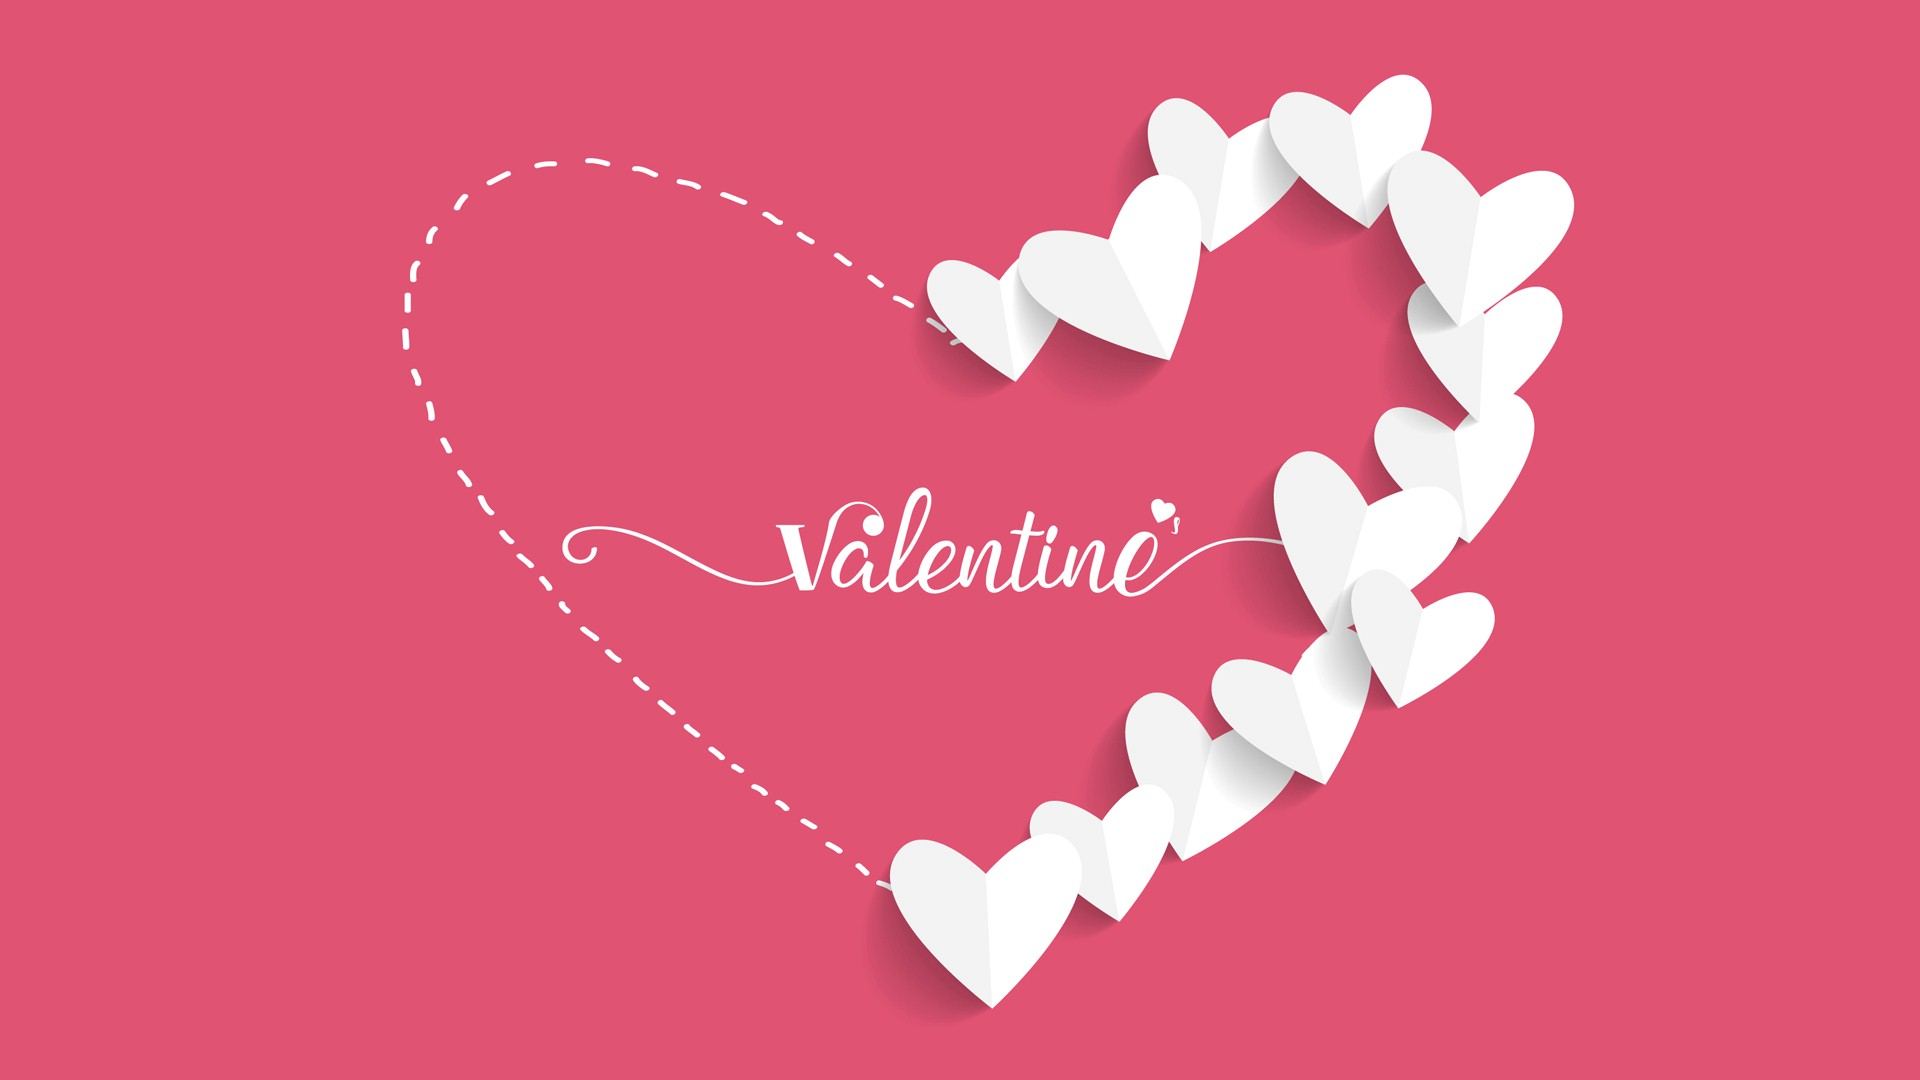 Ảnh valentine đẹp nhất (2)